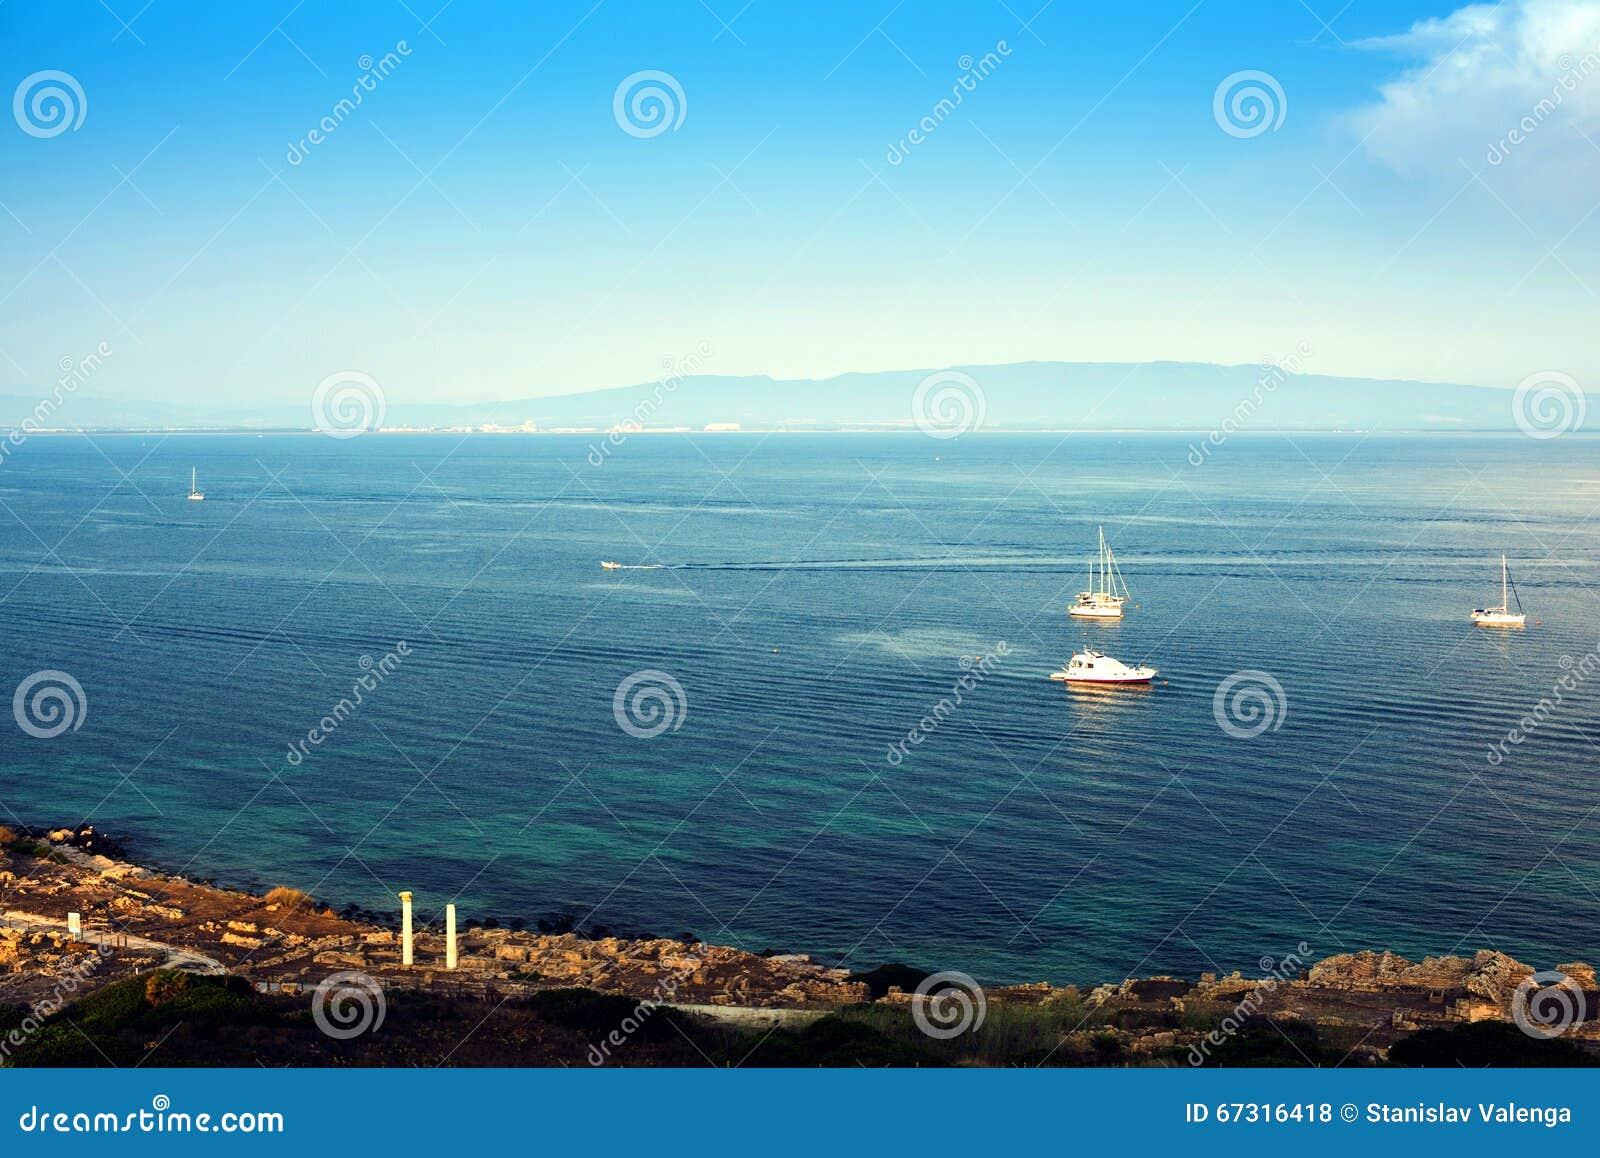 Segling Skeppyachter med vit seglar i det öppna havet Lyxiga fartyg